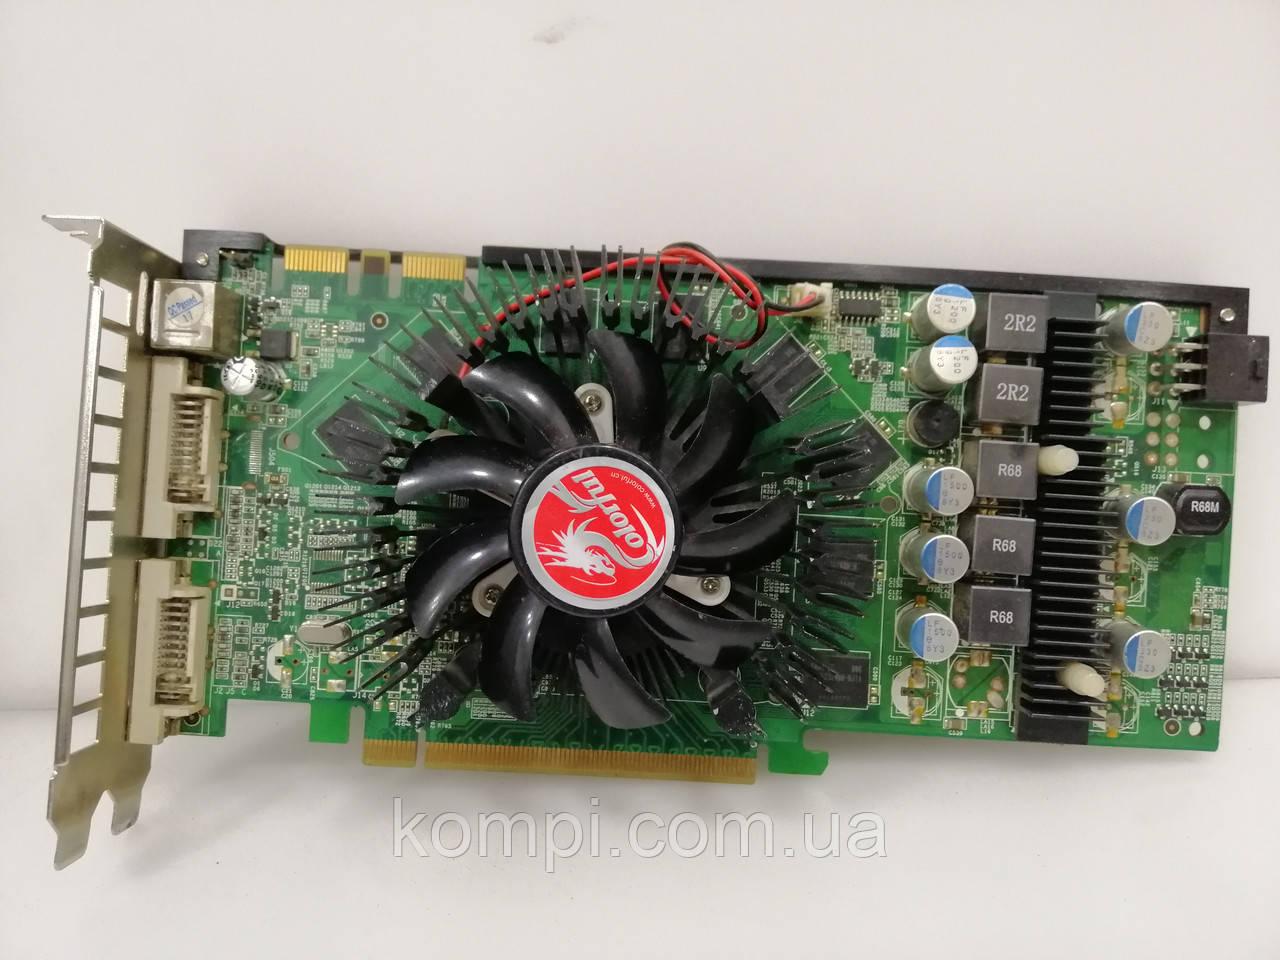 Видеокарта Nvidia Geforce 9800 GT 512mb 256bit PCI-E